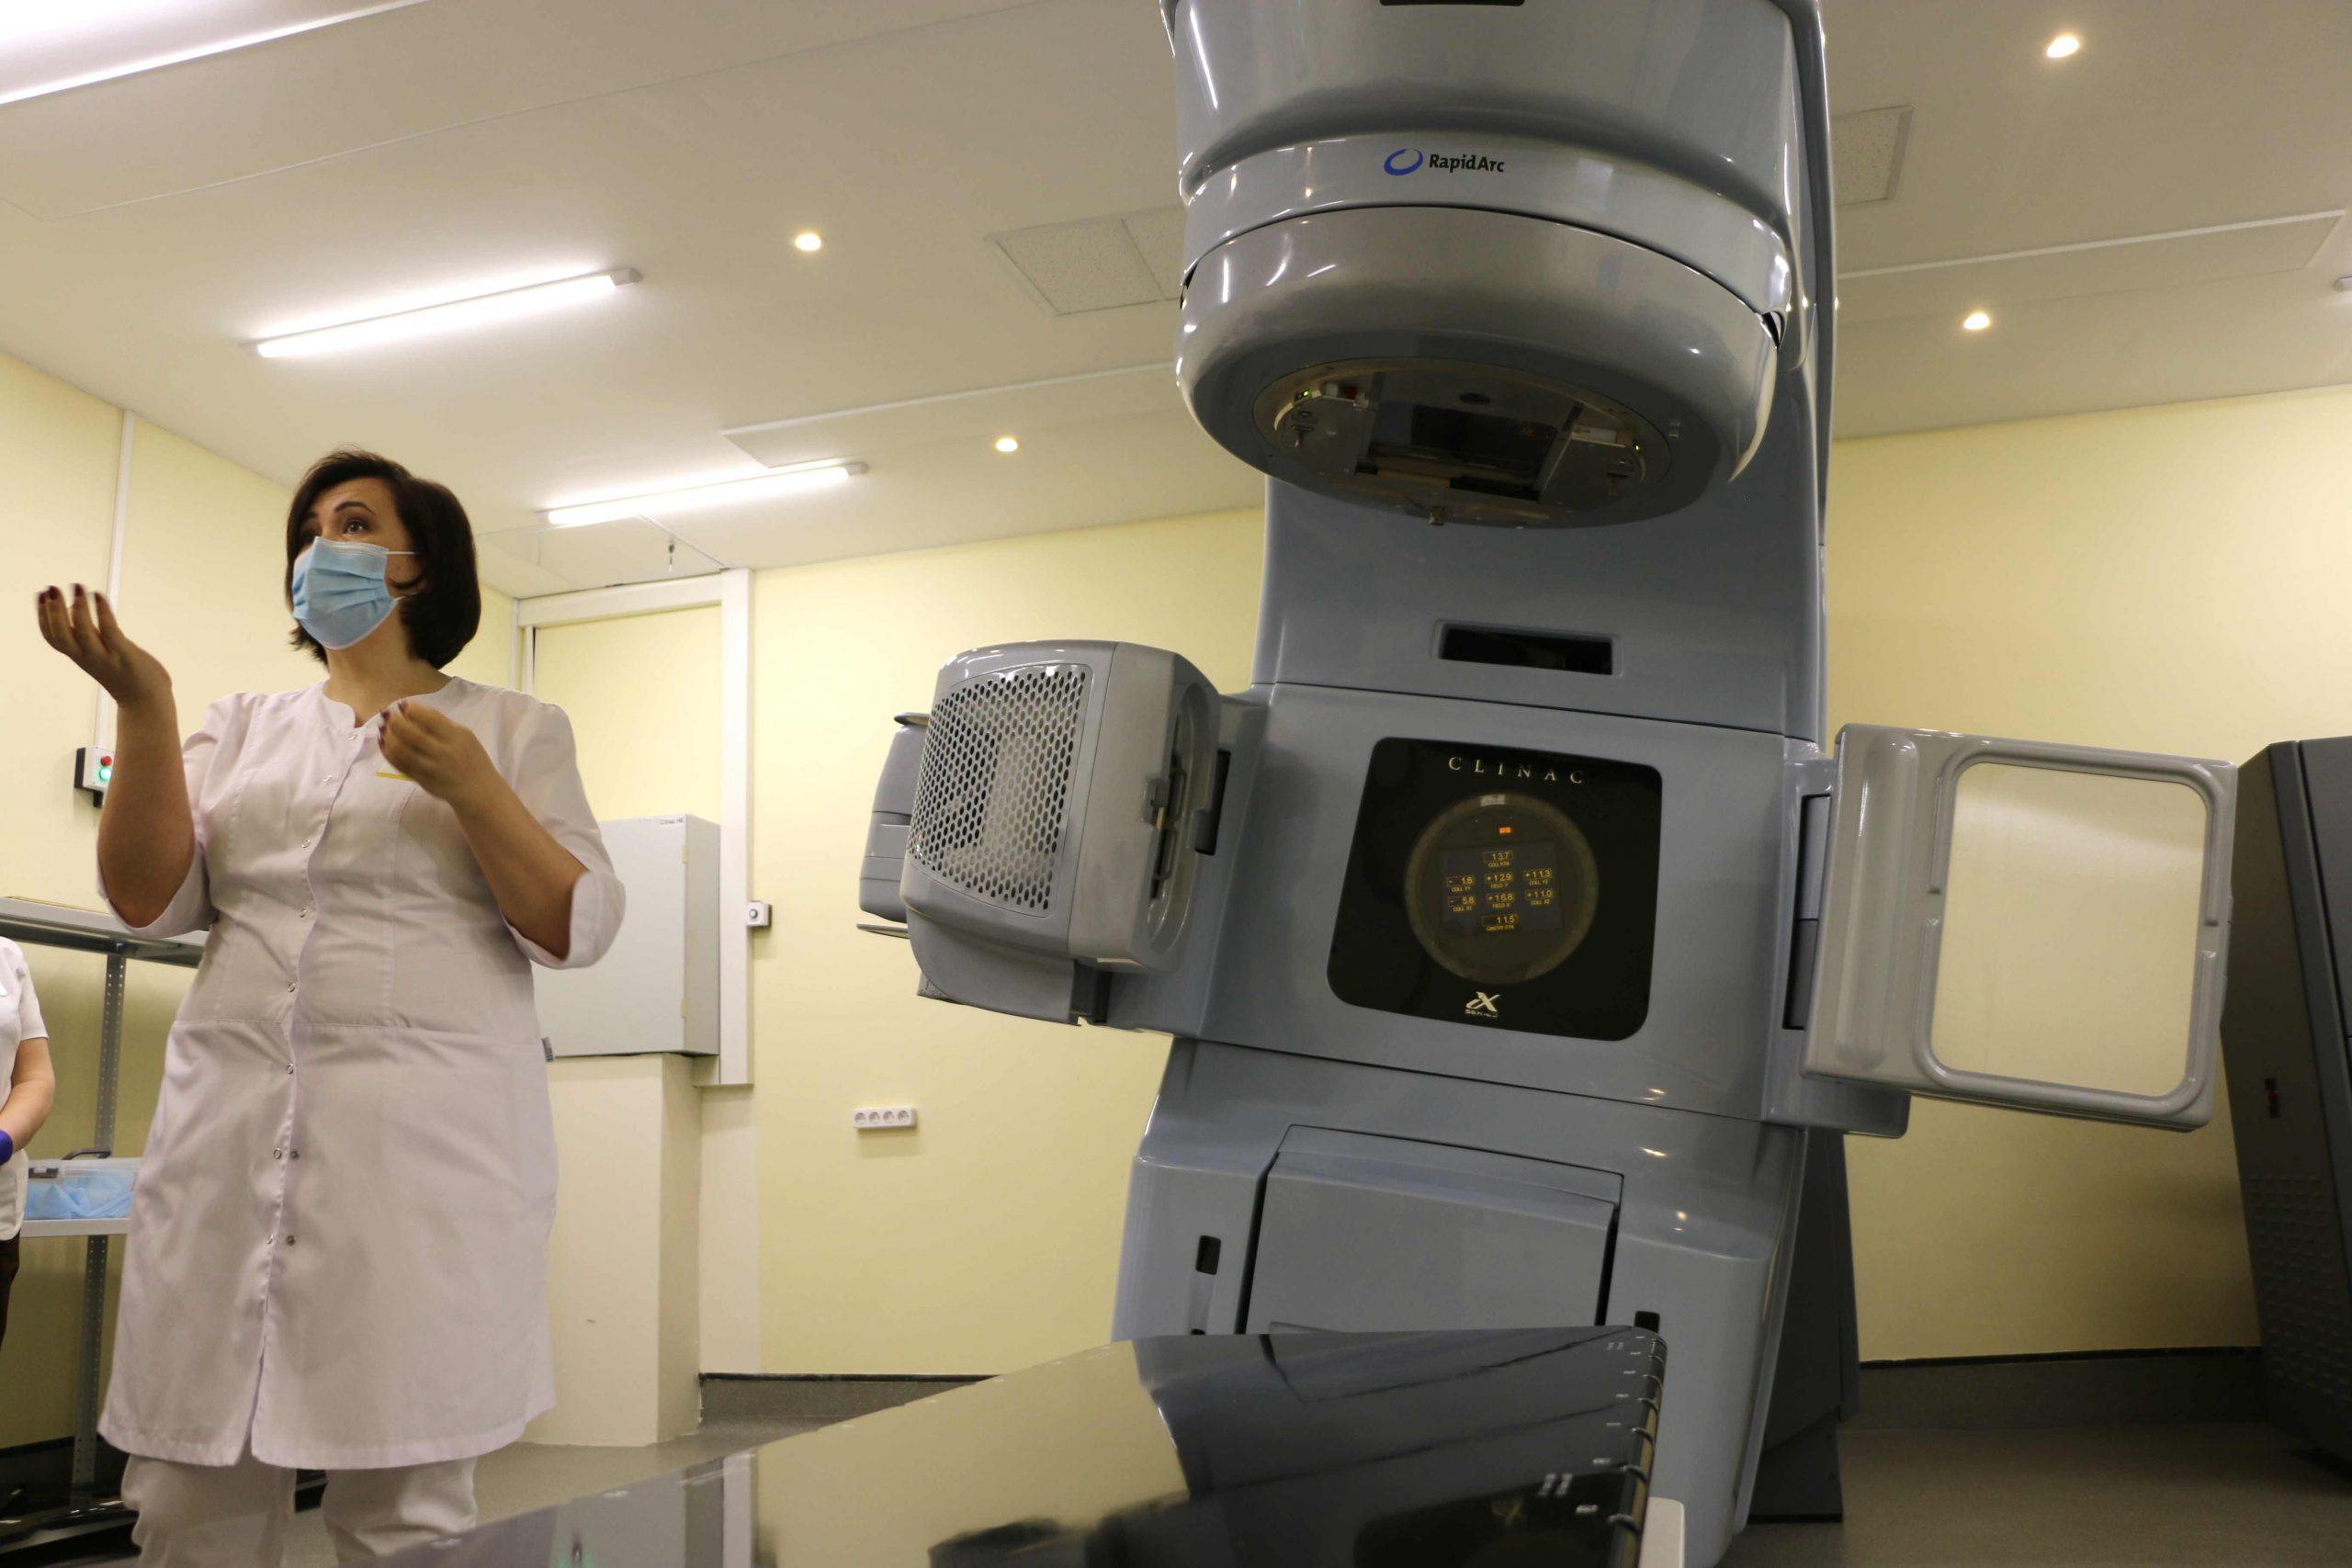 Аппарат для радиотерапии за 120 млн рублей появился в Медгороде Тюмени 1